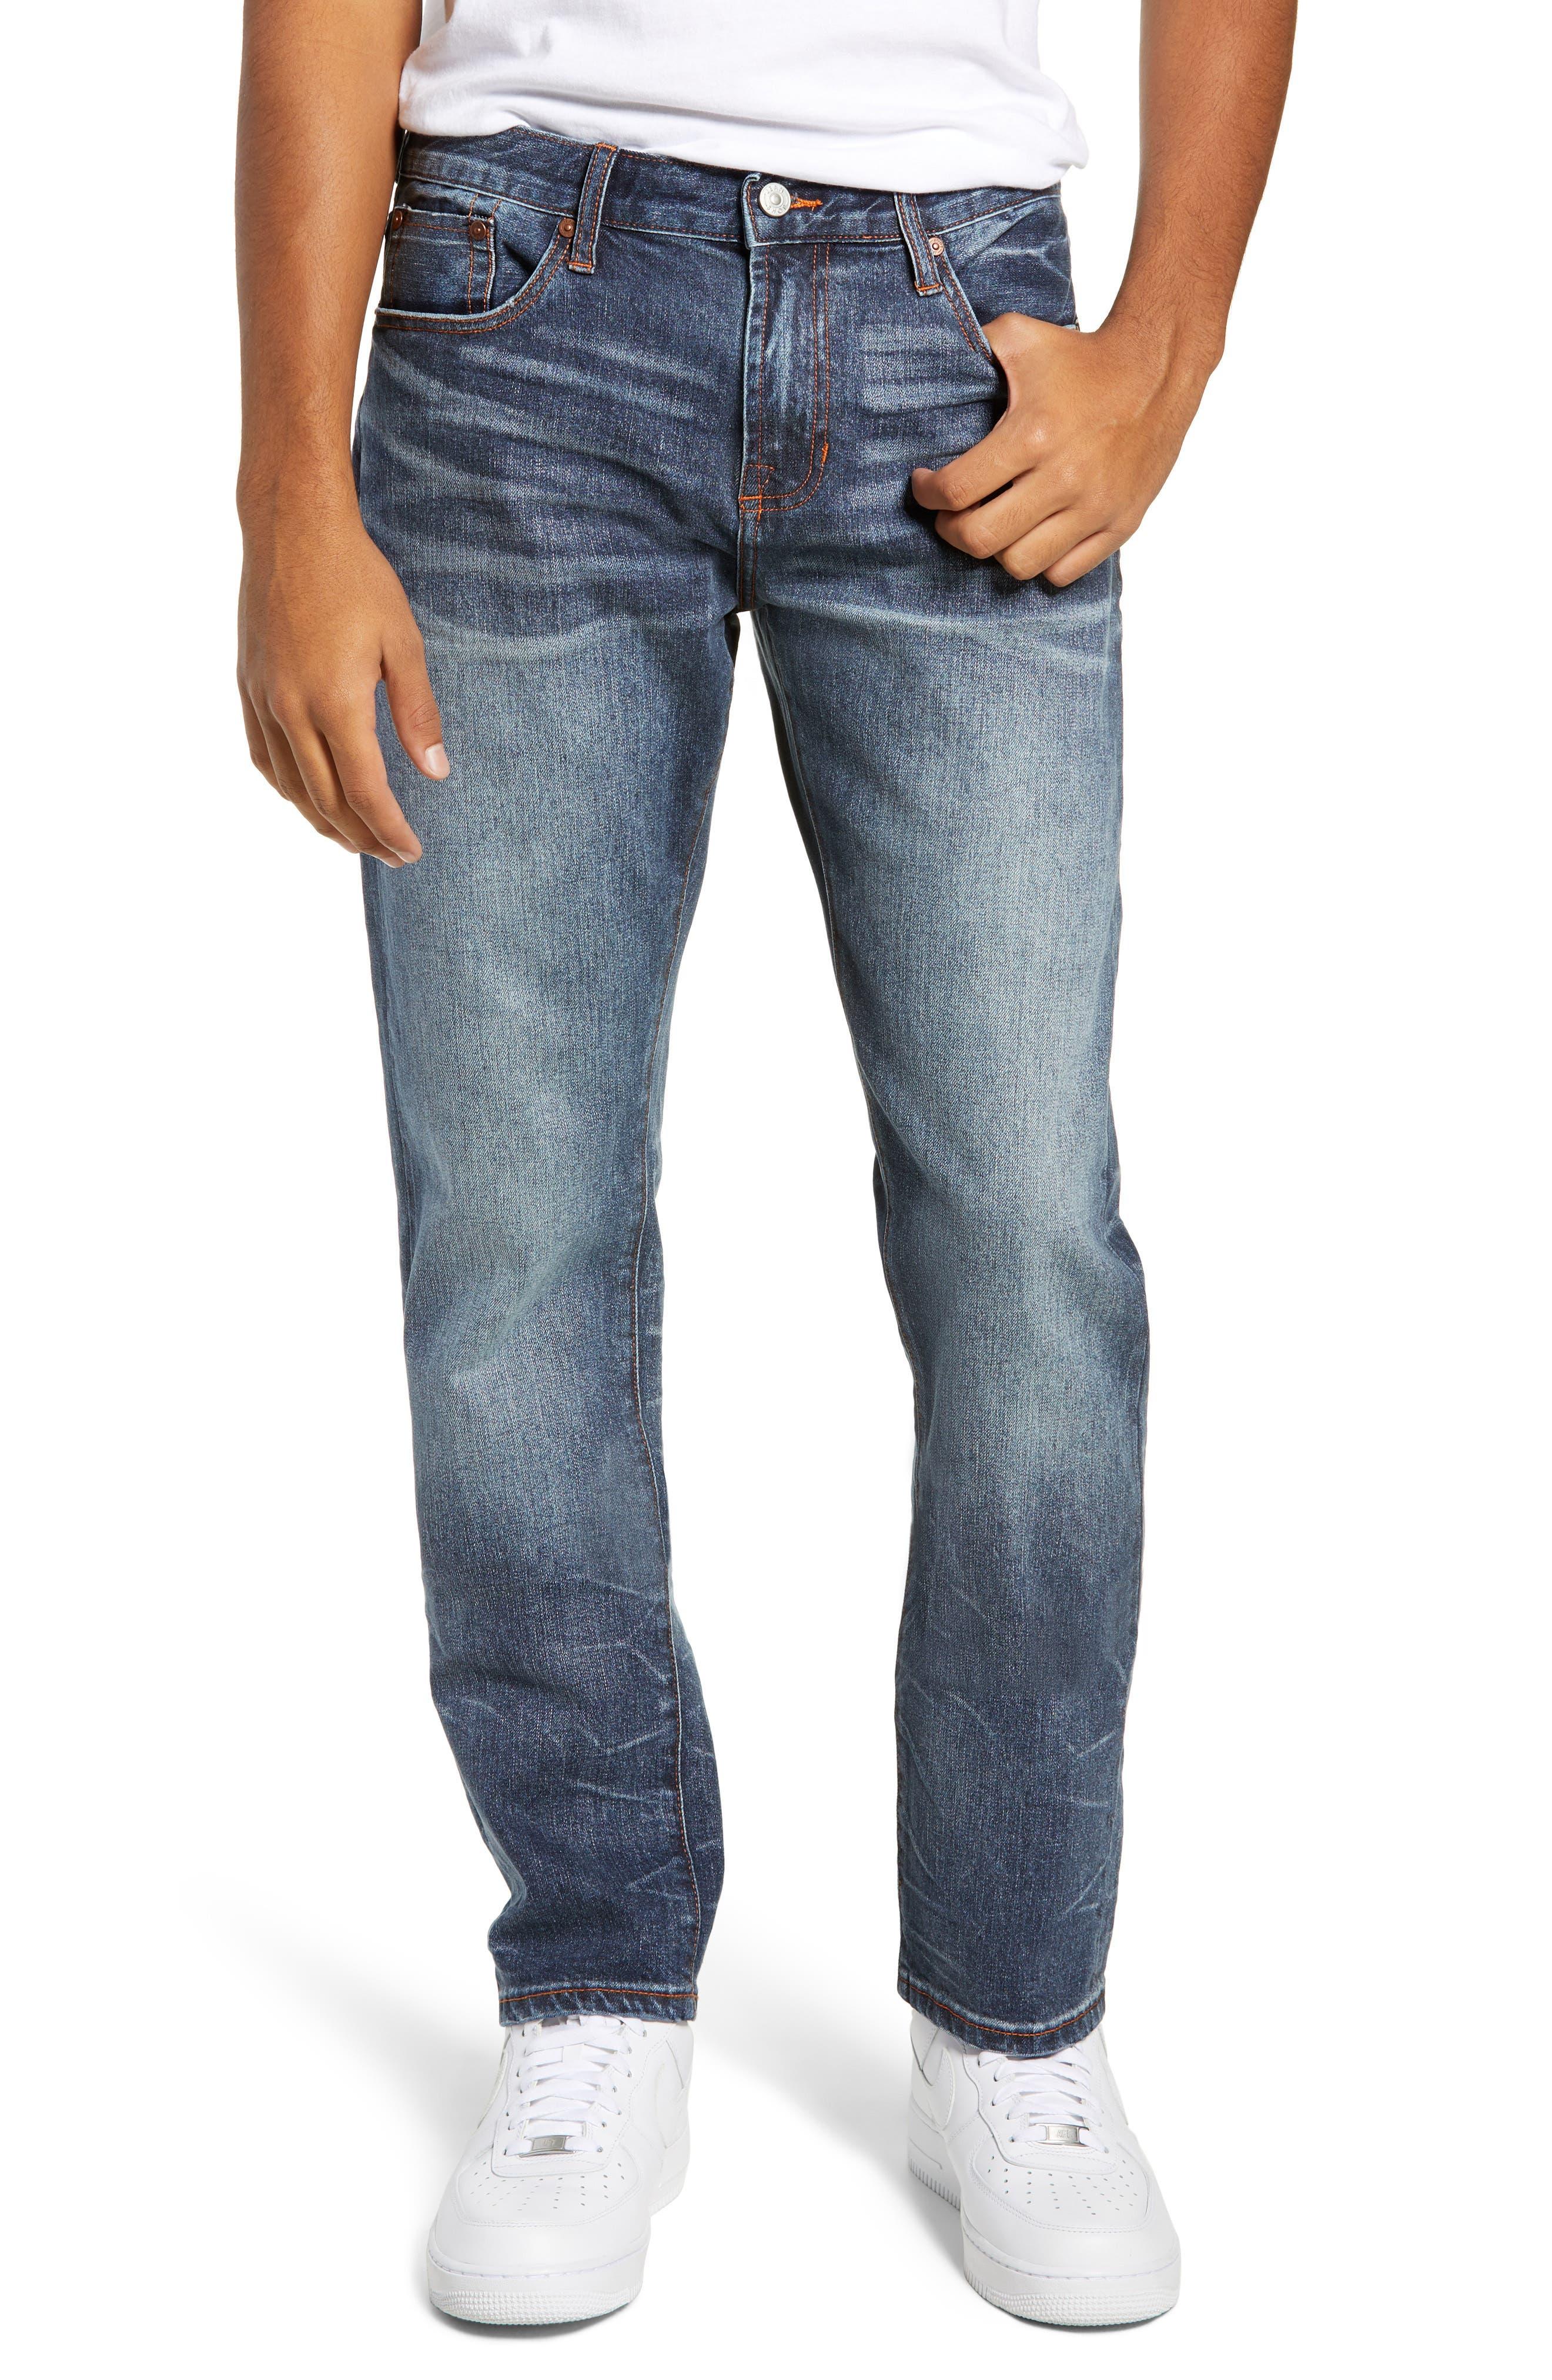 Mick Slim Fit Jeans,                             Main thumbnail 1, color,                             LAFAYETTE